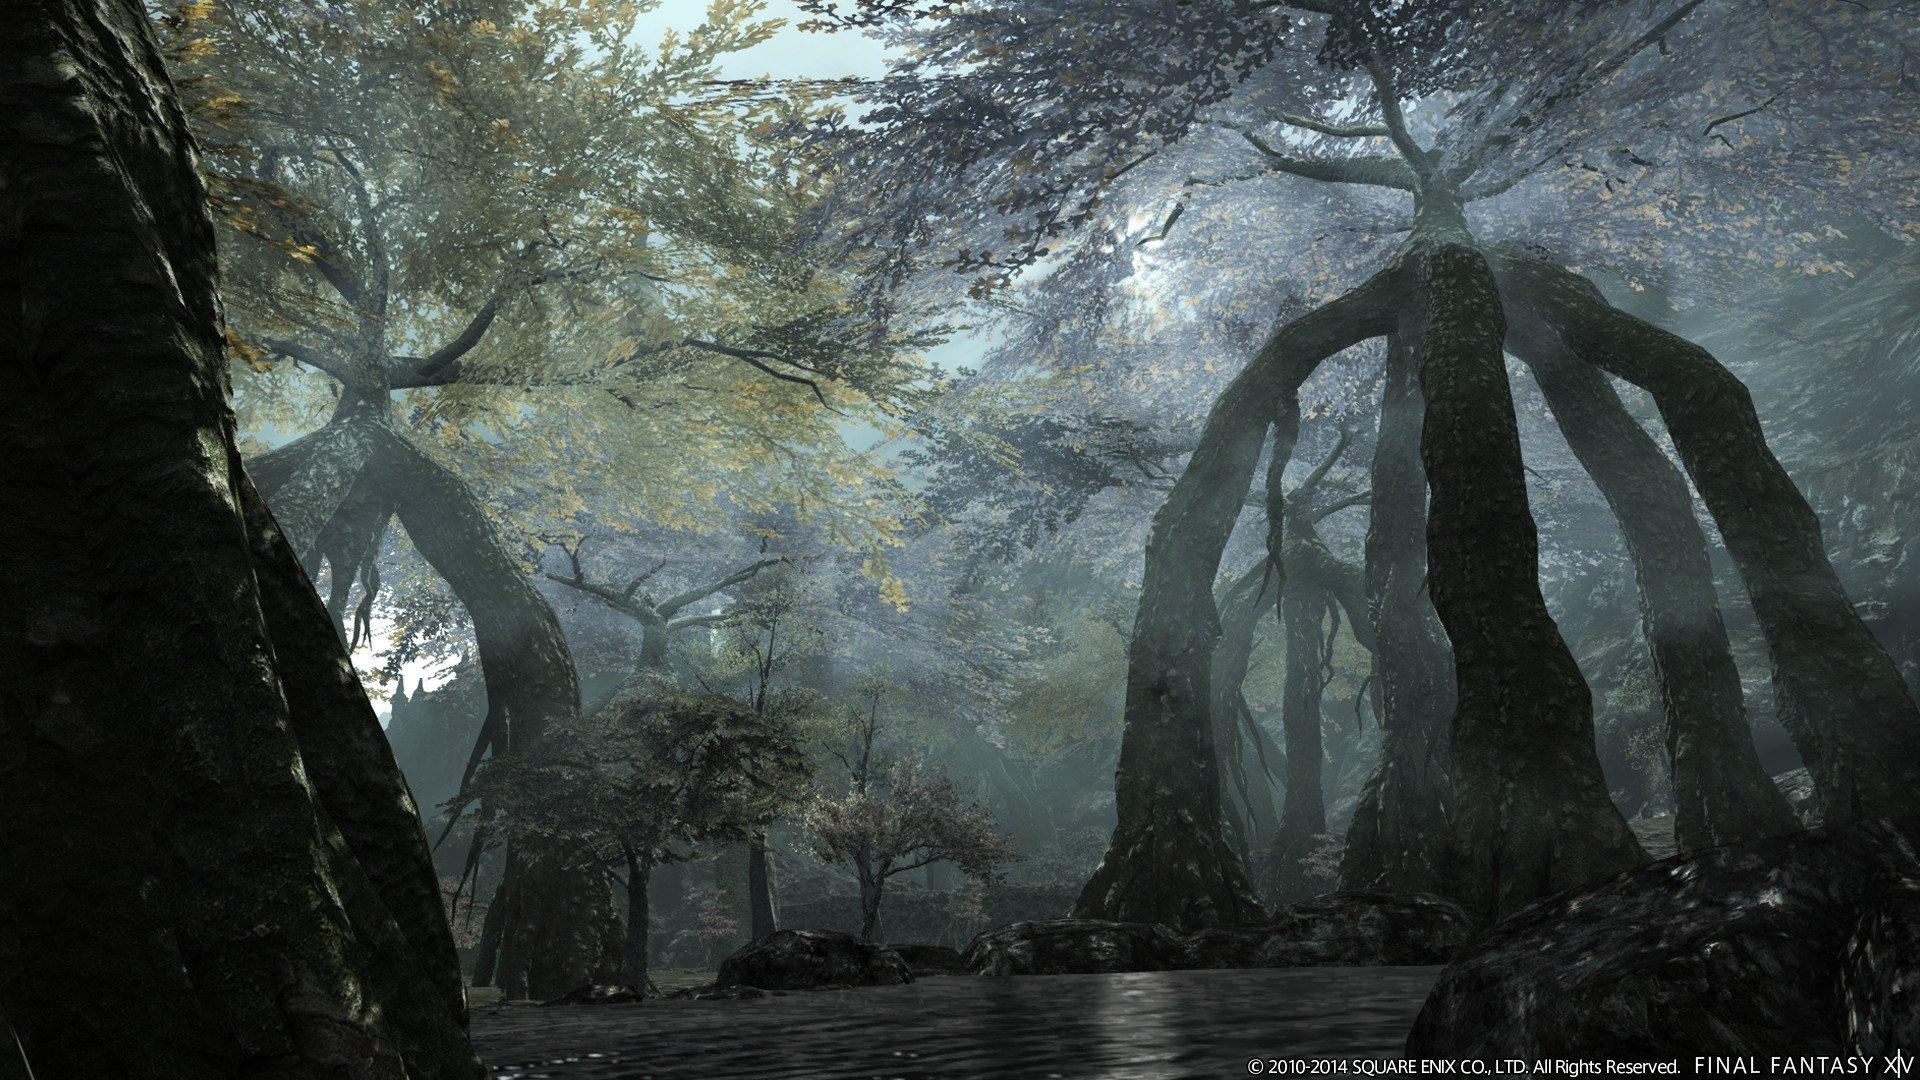 Final Fantasy XIV - Heavensward - Imágenes juego PC - 3DJuegos